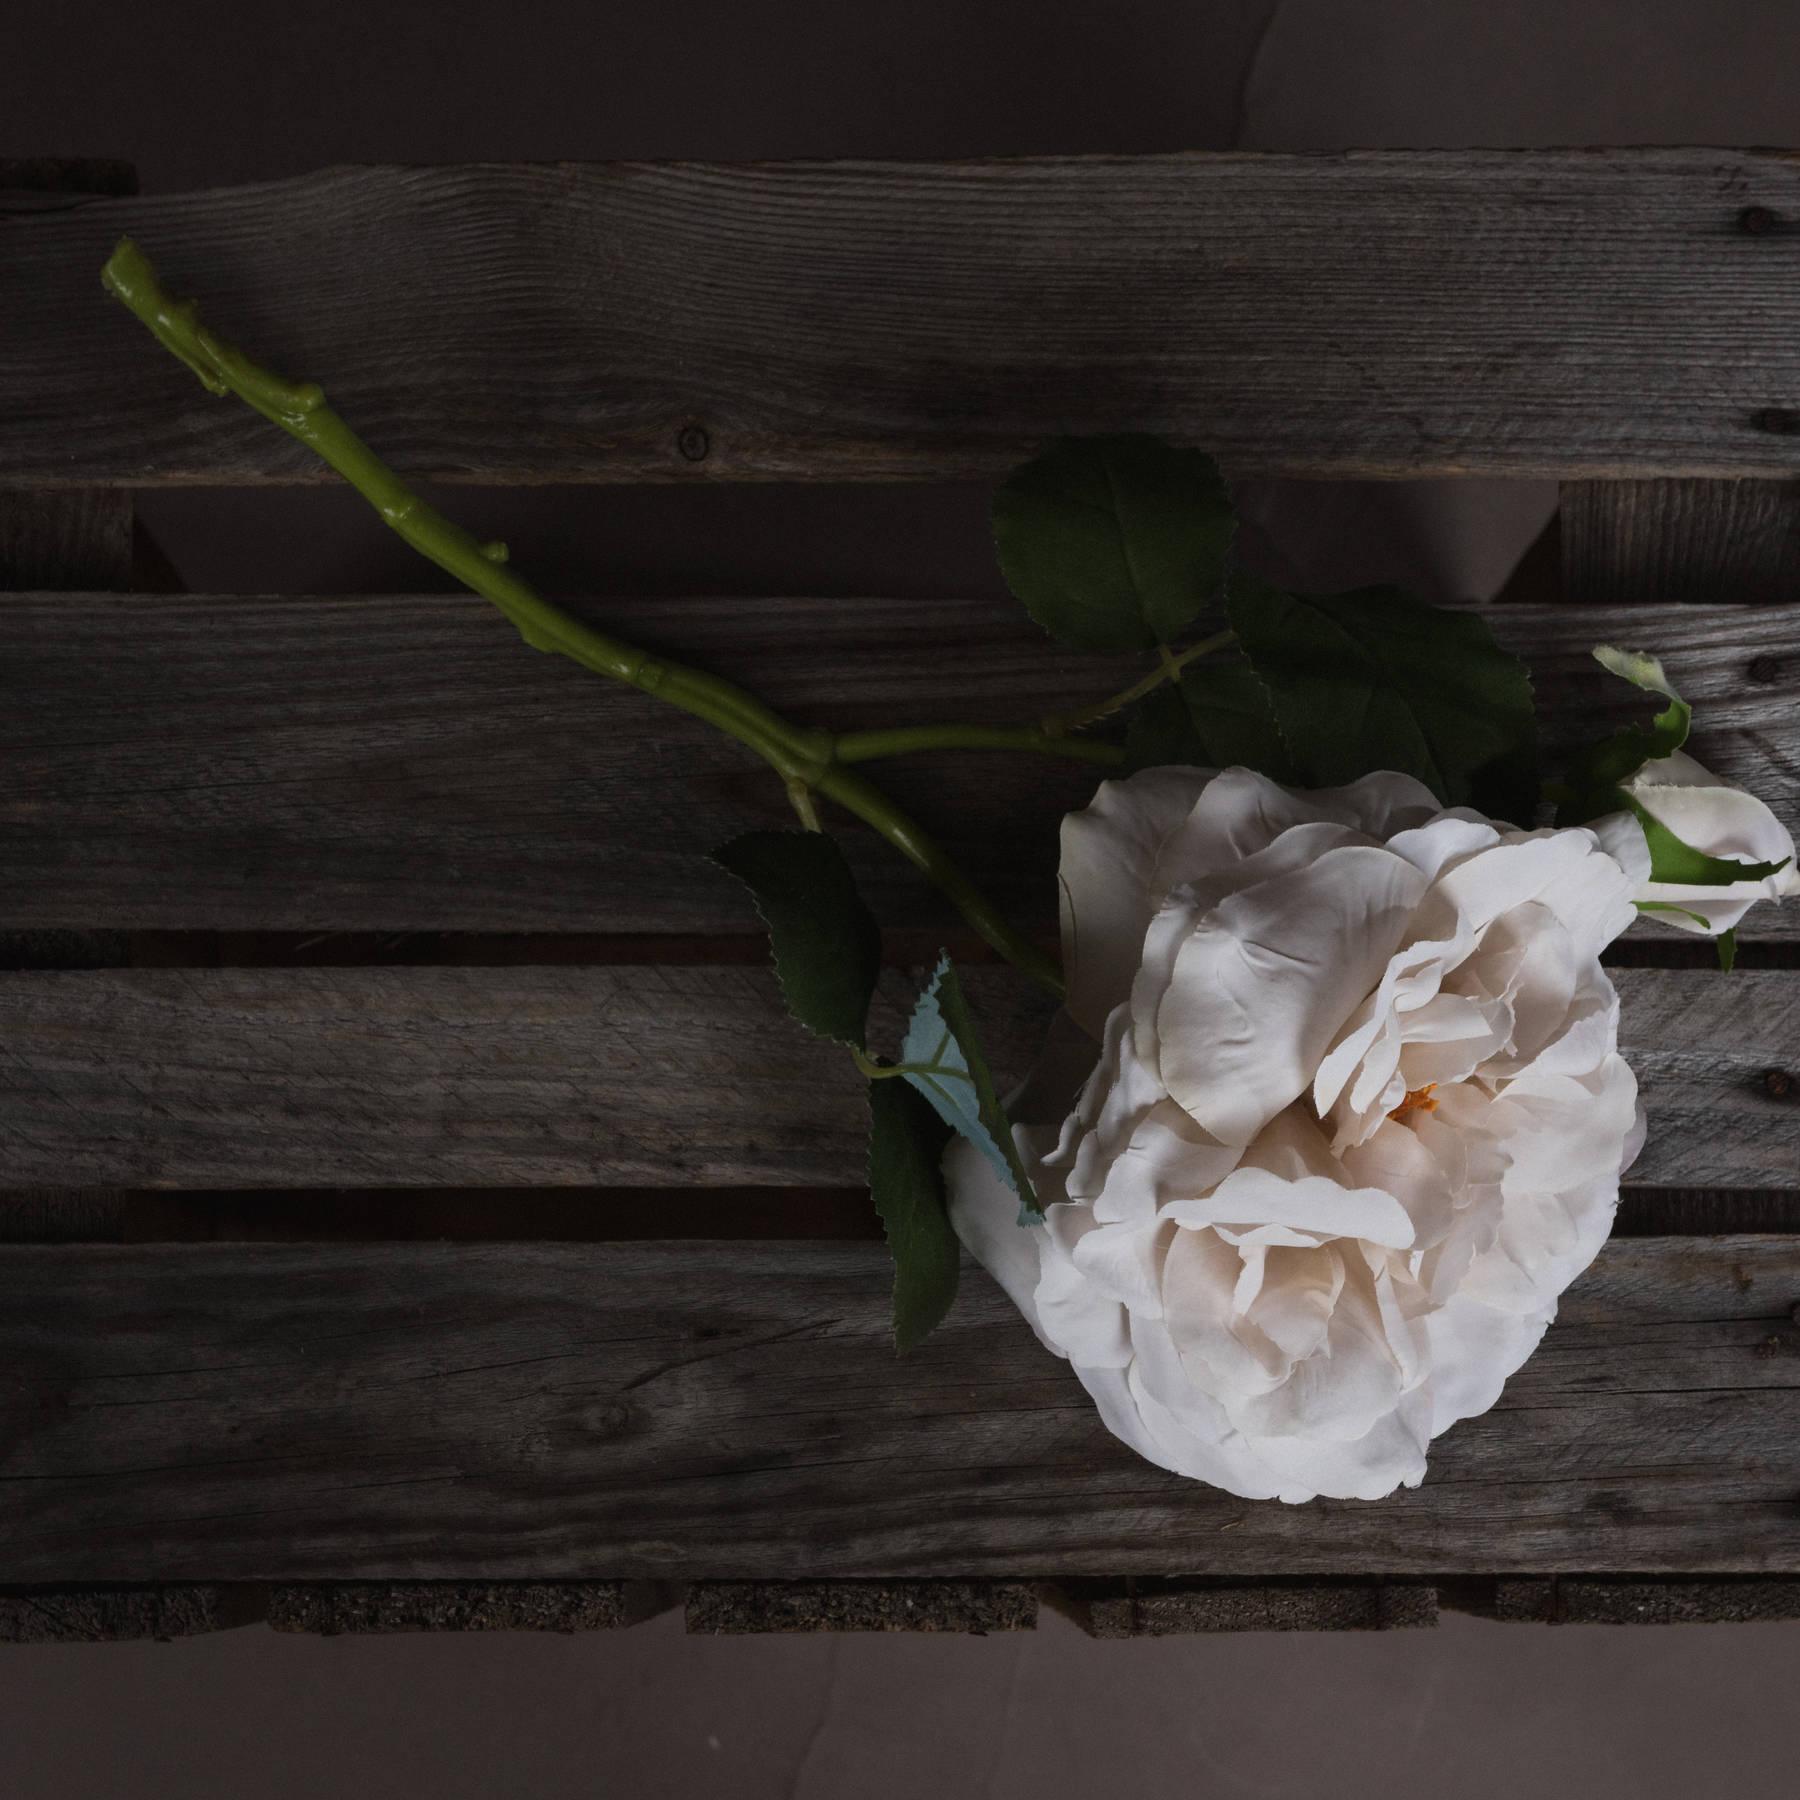 White Short Stem Rose - Image 2